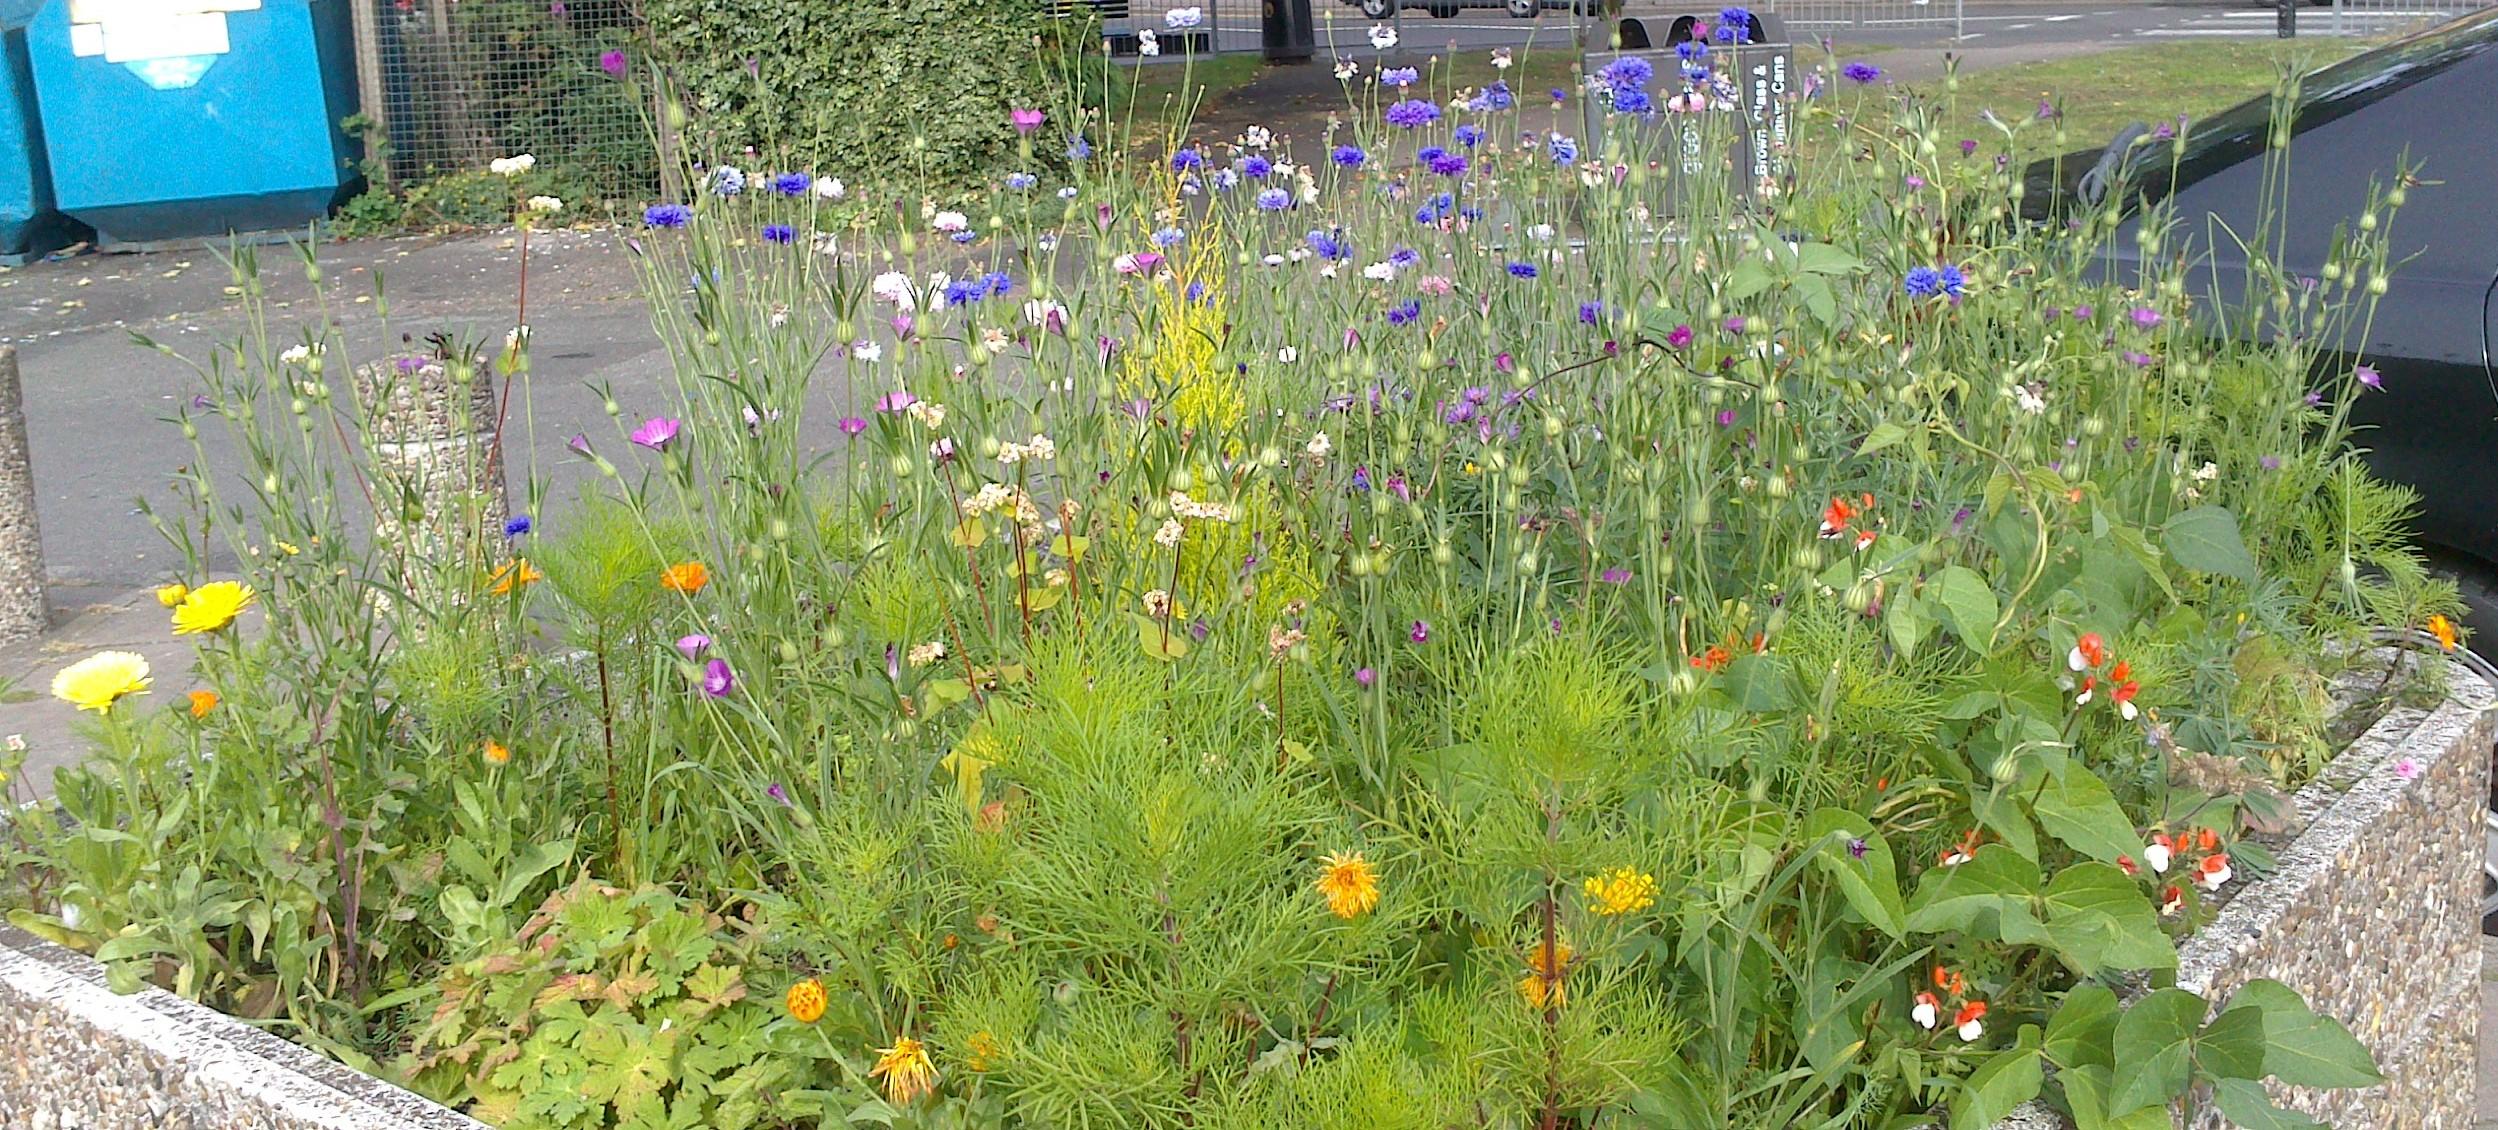 Planter in full bloom